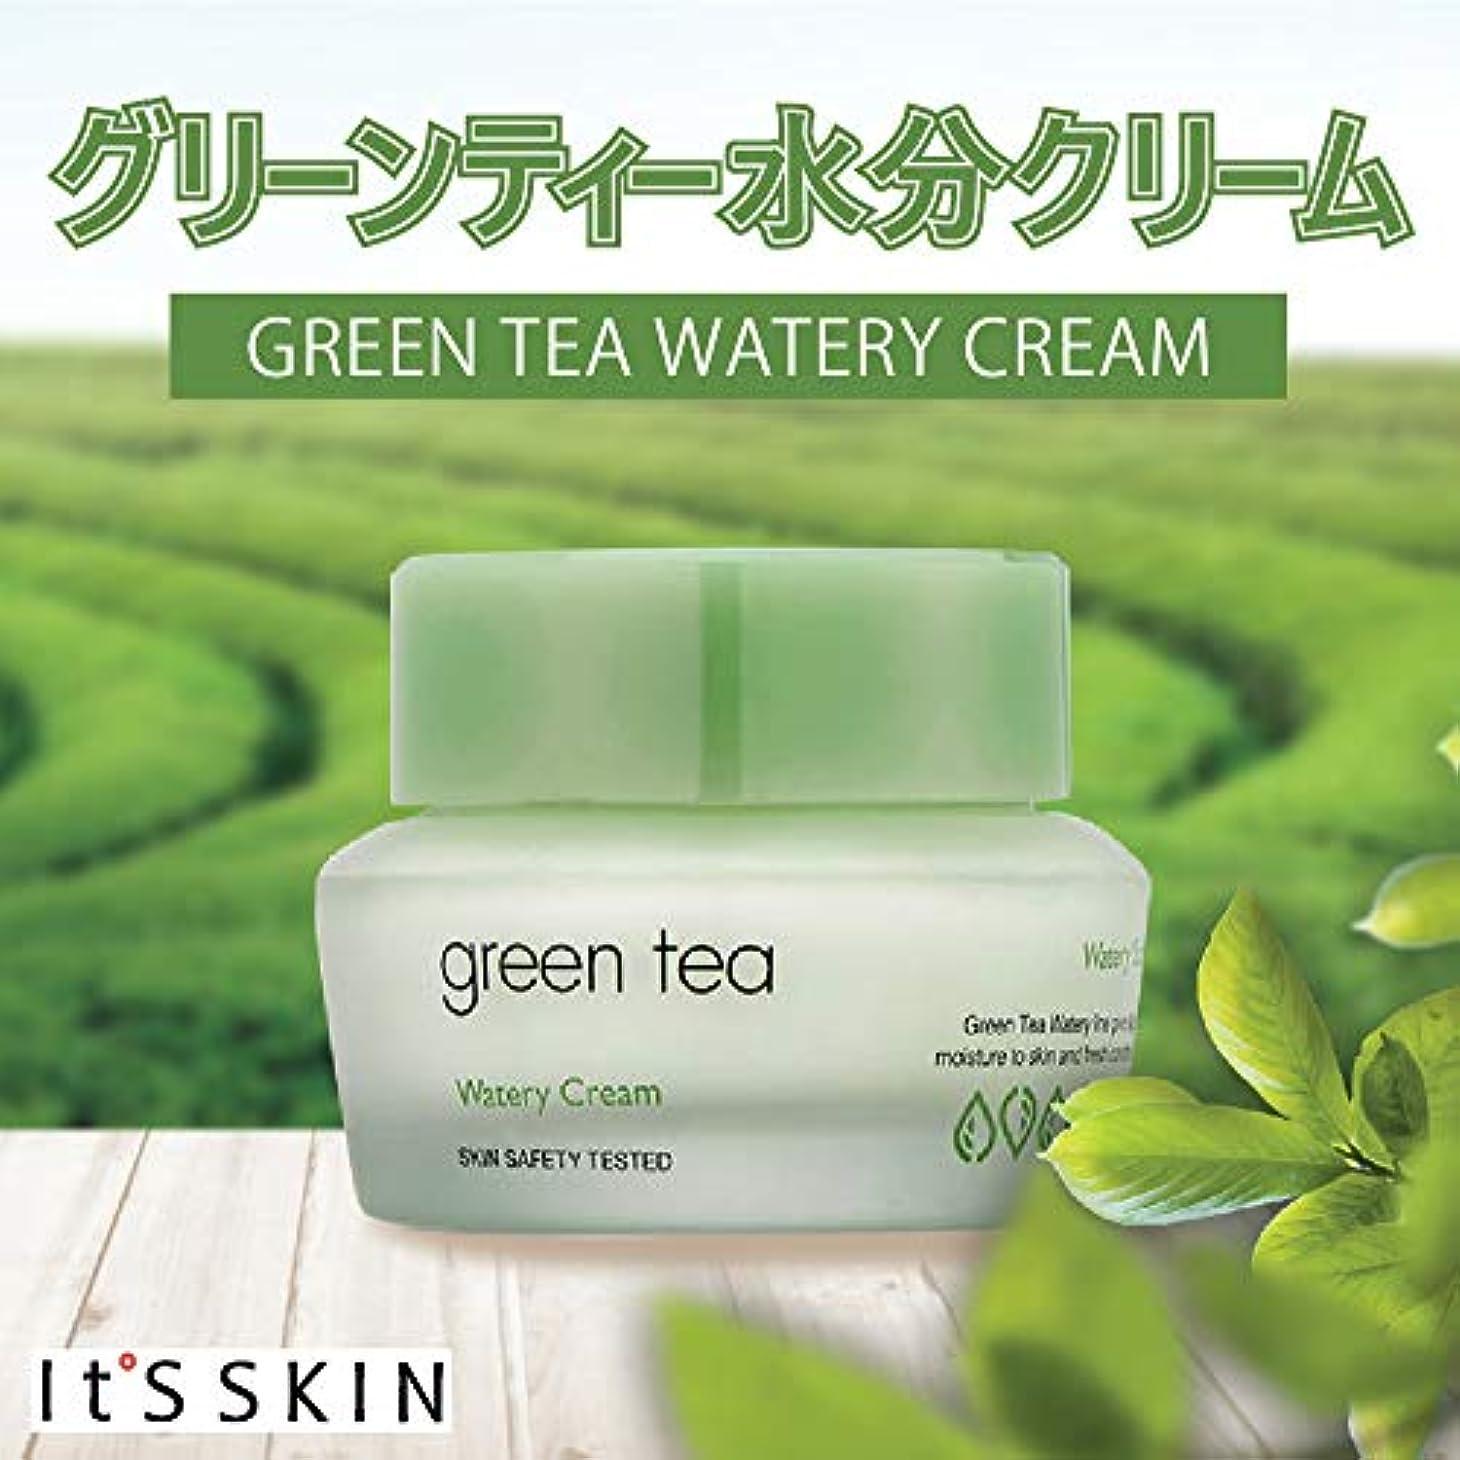 起こる集中インペリアルIt's SKIN イッツスキン グリーン ティー ウォーターリー クリーム Green Tea Watery Cream 50g 【 水分 クリーム しっとり 保湿 キメ 韓国コスメ 】